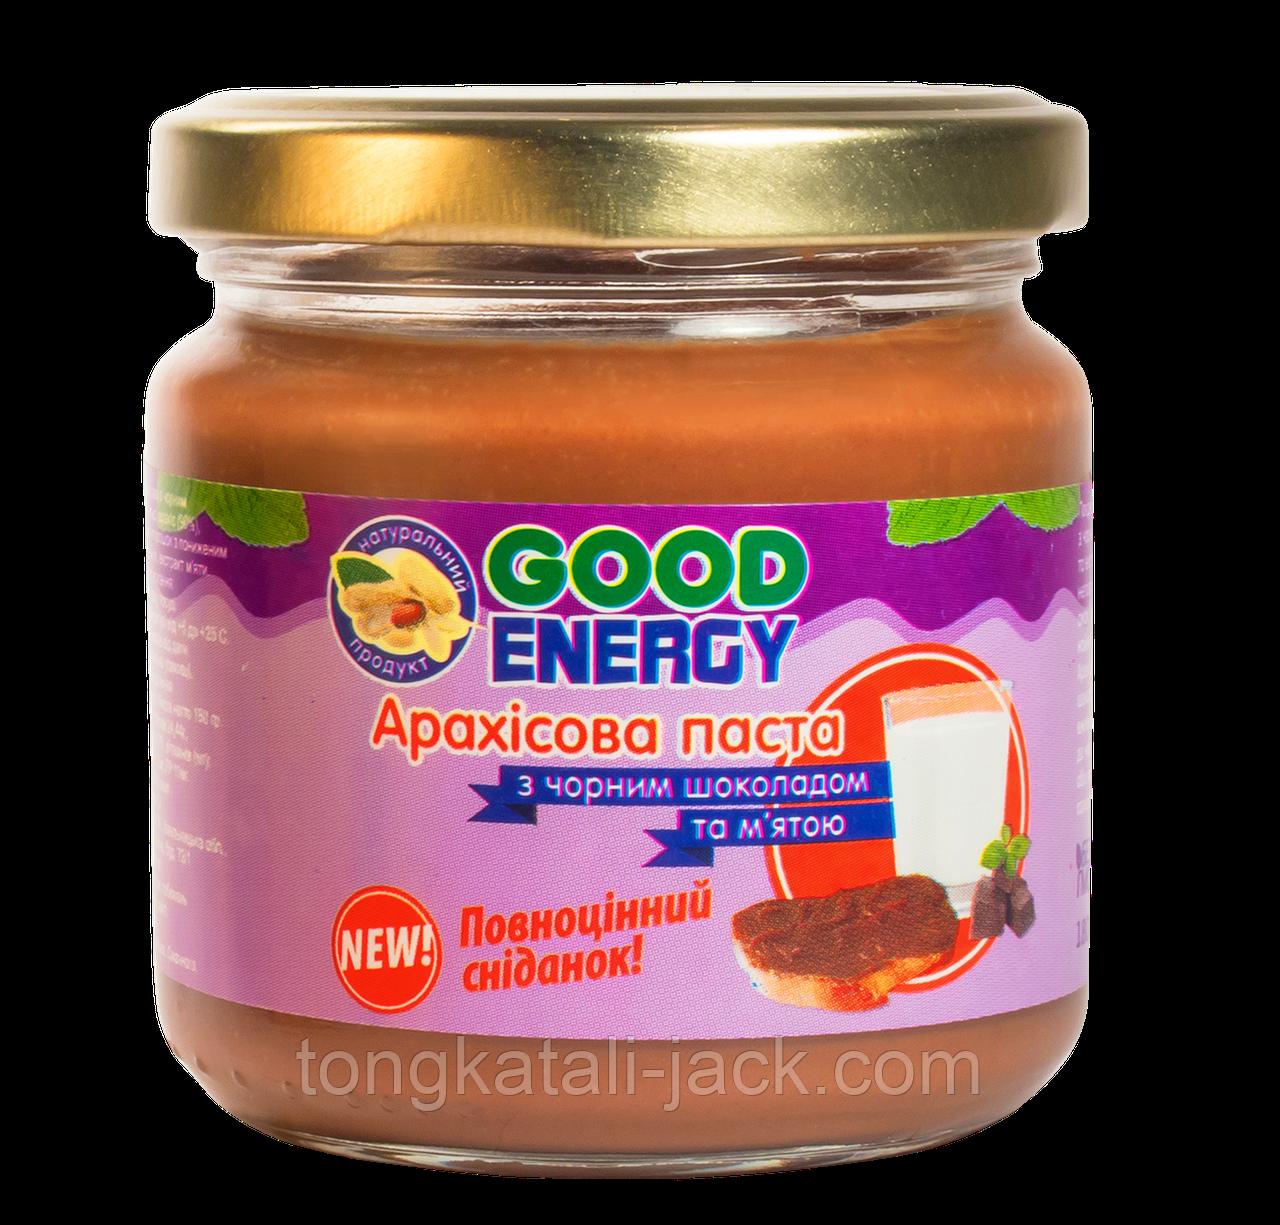 """Арахисовая паста """"Чёрный шоколад и мята"""""""